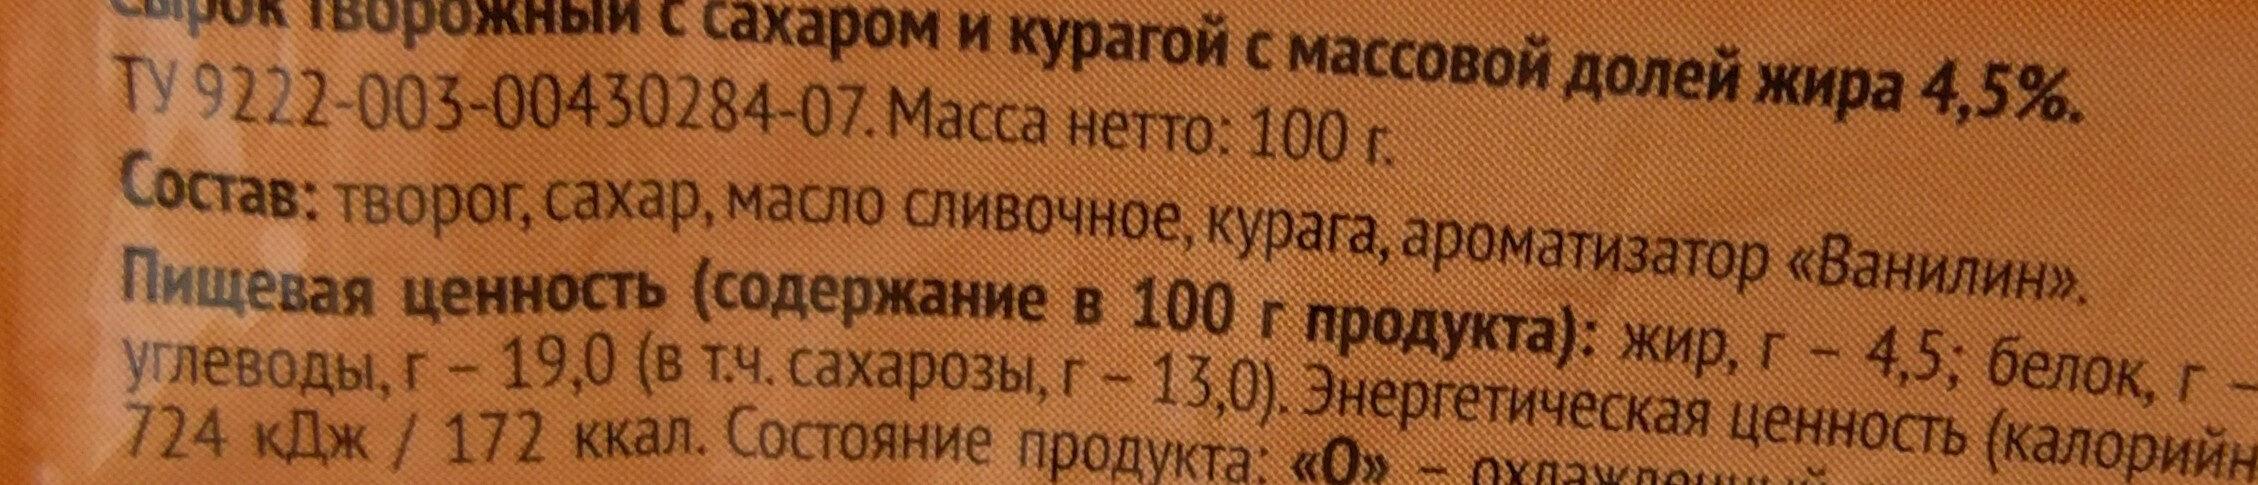 Сырок творожный с сахаром и курагой с массовой долей жира 4,5% - Ингредиенты - ru